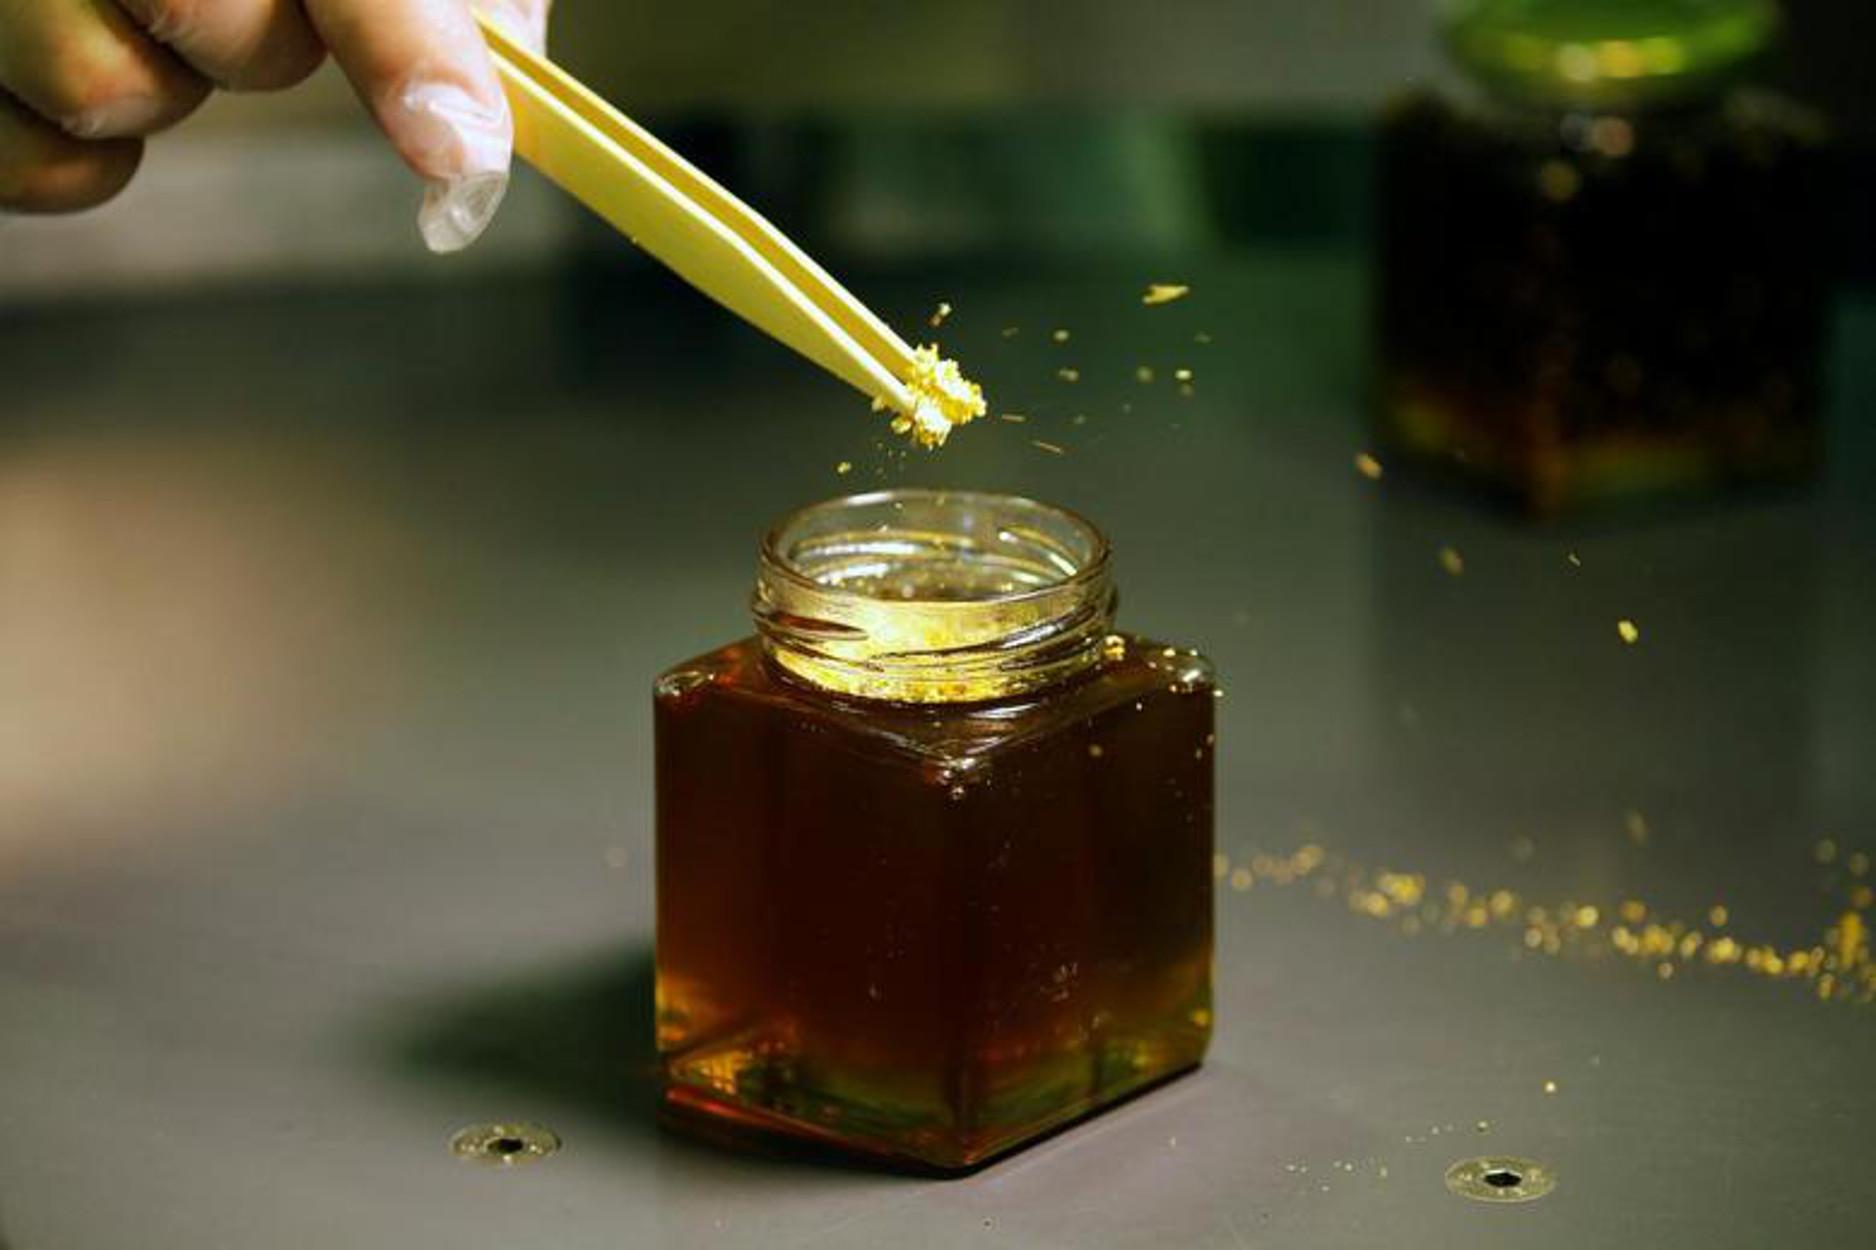 ΕΦΕΤ: Αποσύρεται ελληνικό μέλι από την αγορά! Βρέθηκε απαγορευμένη ουσία